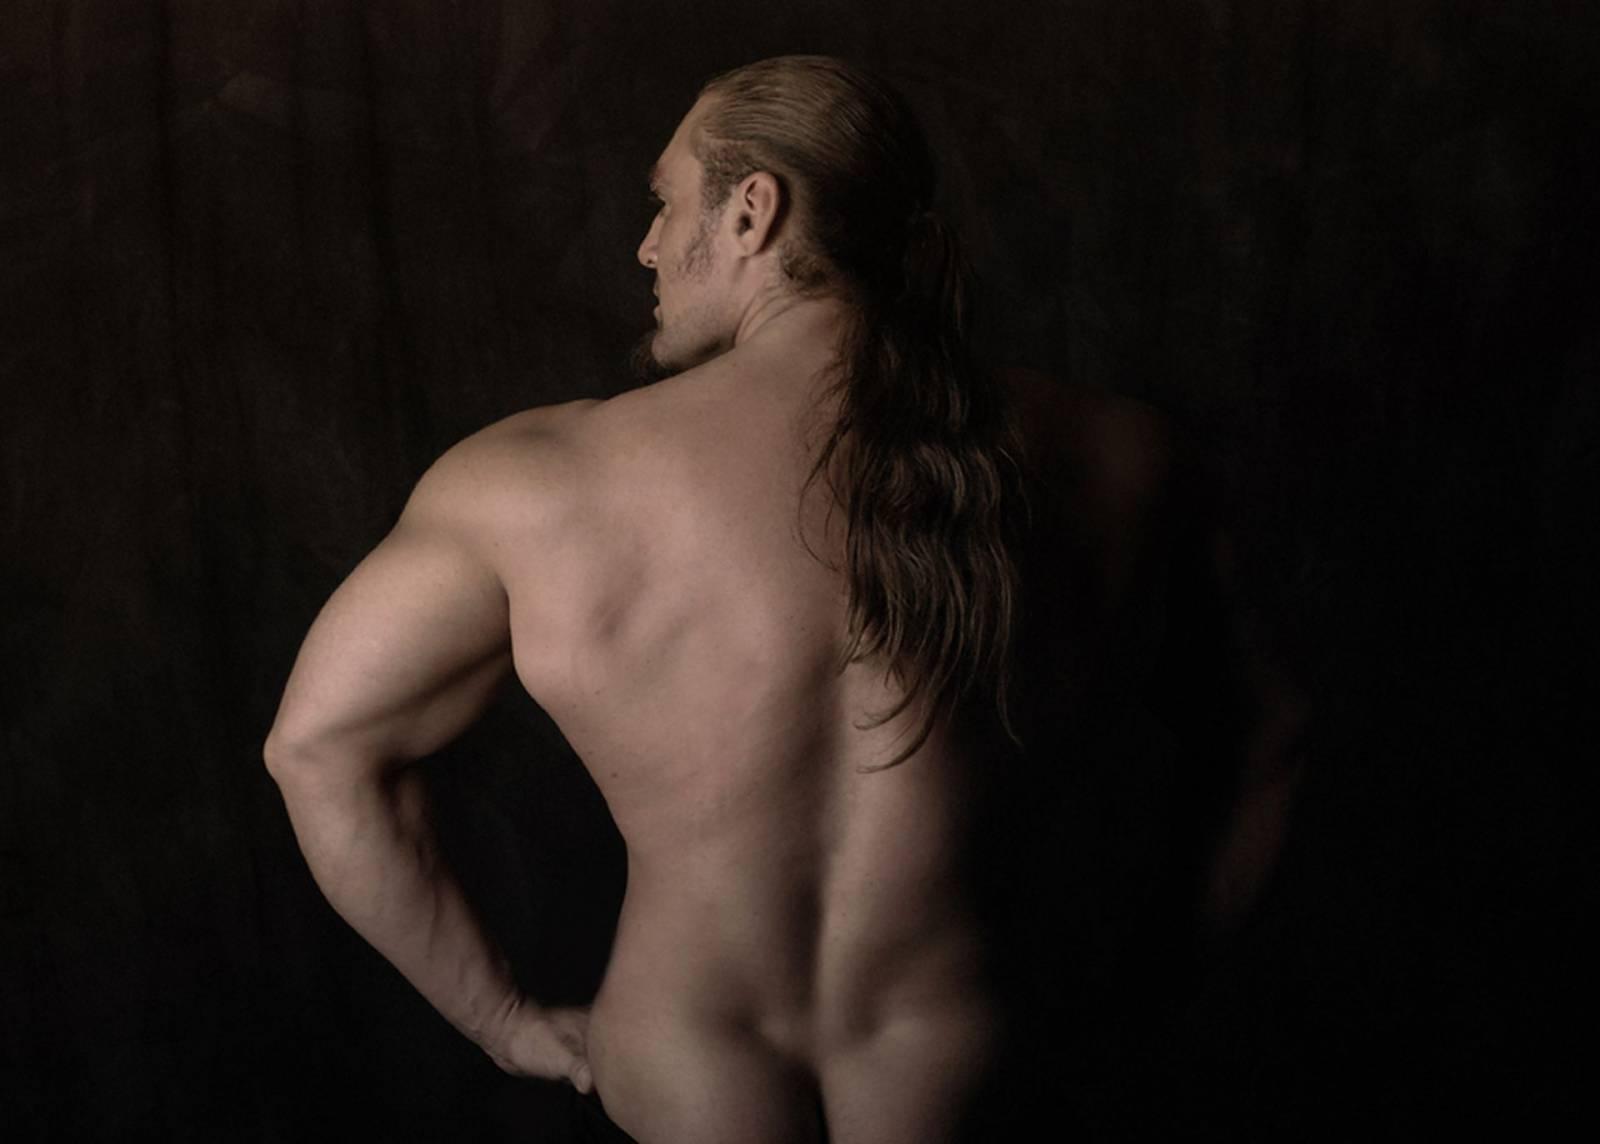 Студийные фото обнажённых мужчины 6 фотография